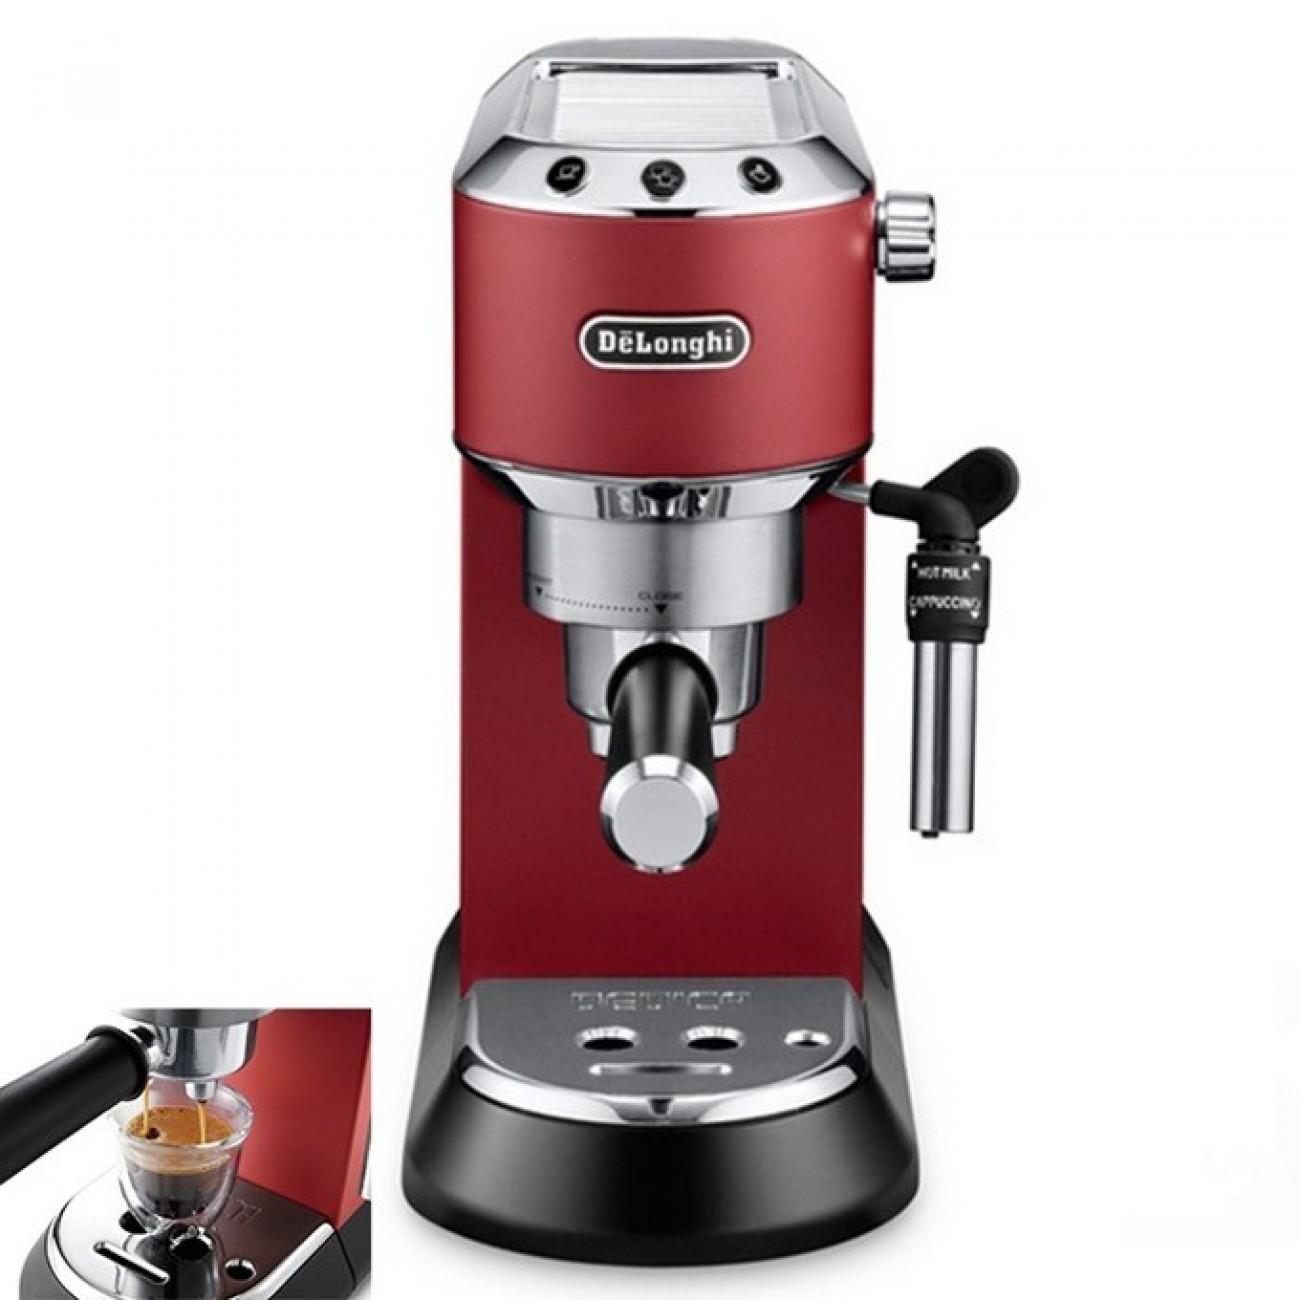 Кафемашина Delonghi EC 685.R, 1300W, 15 bar, Self-priming системата, Регулируема капучино система, Мобилен воден резервоар, червена в Кафемашини -  | Alleop